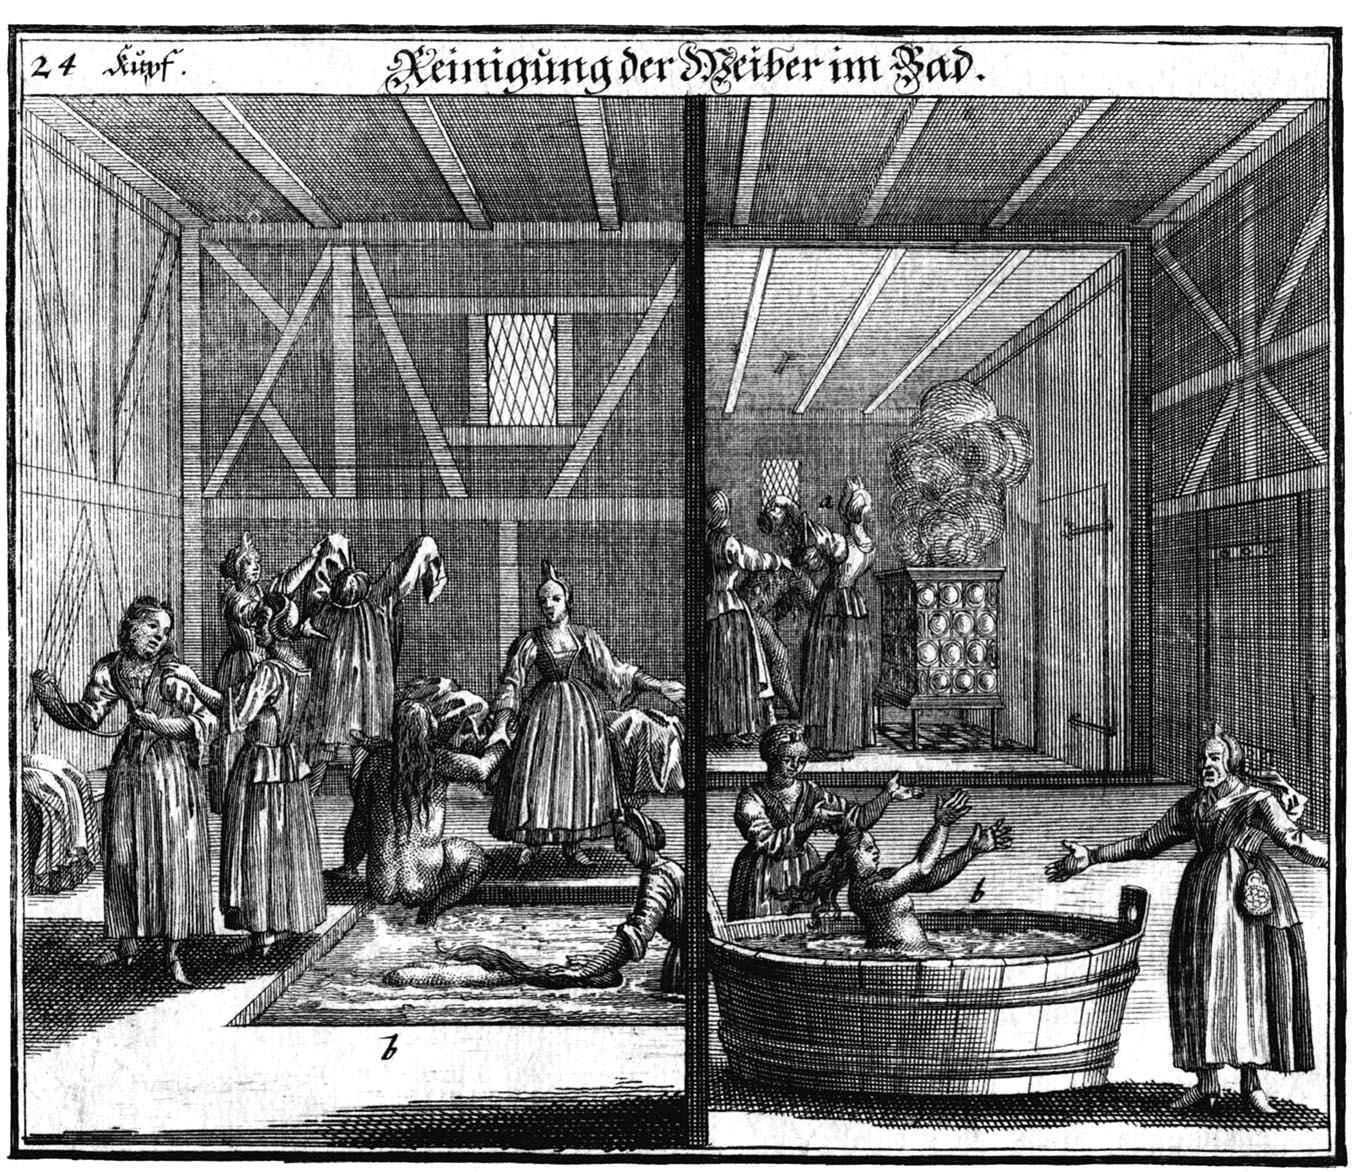 """Kupferstich von Puschner """"Reinigung der Weiber im Bad"""", aus: Paul Christian Kirchner: Jüdisches Ceremoniel, Nürnberg um 1730. Foto: Jüdisches Museum Franken"""